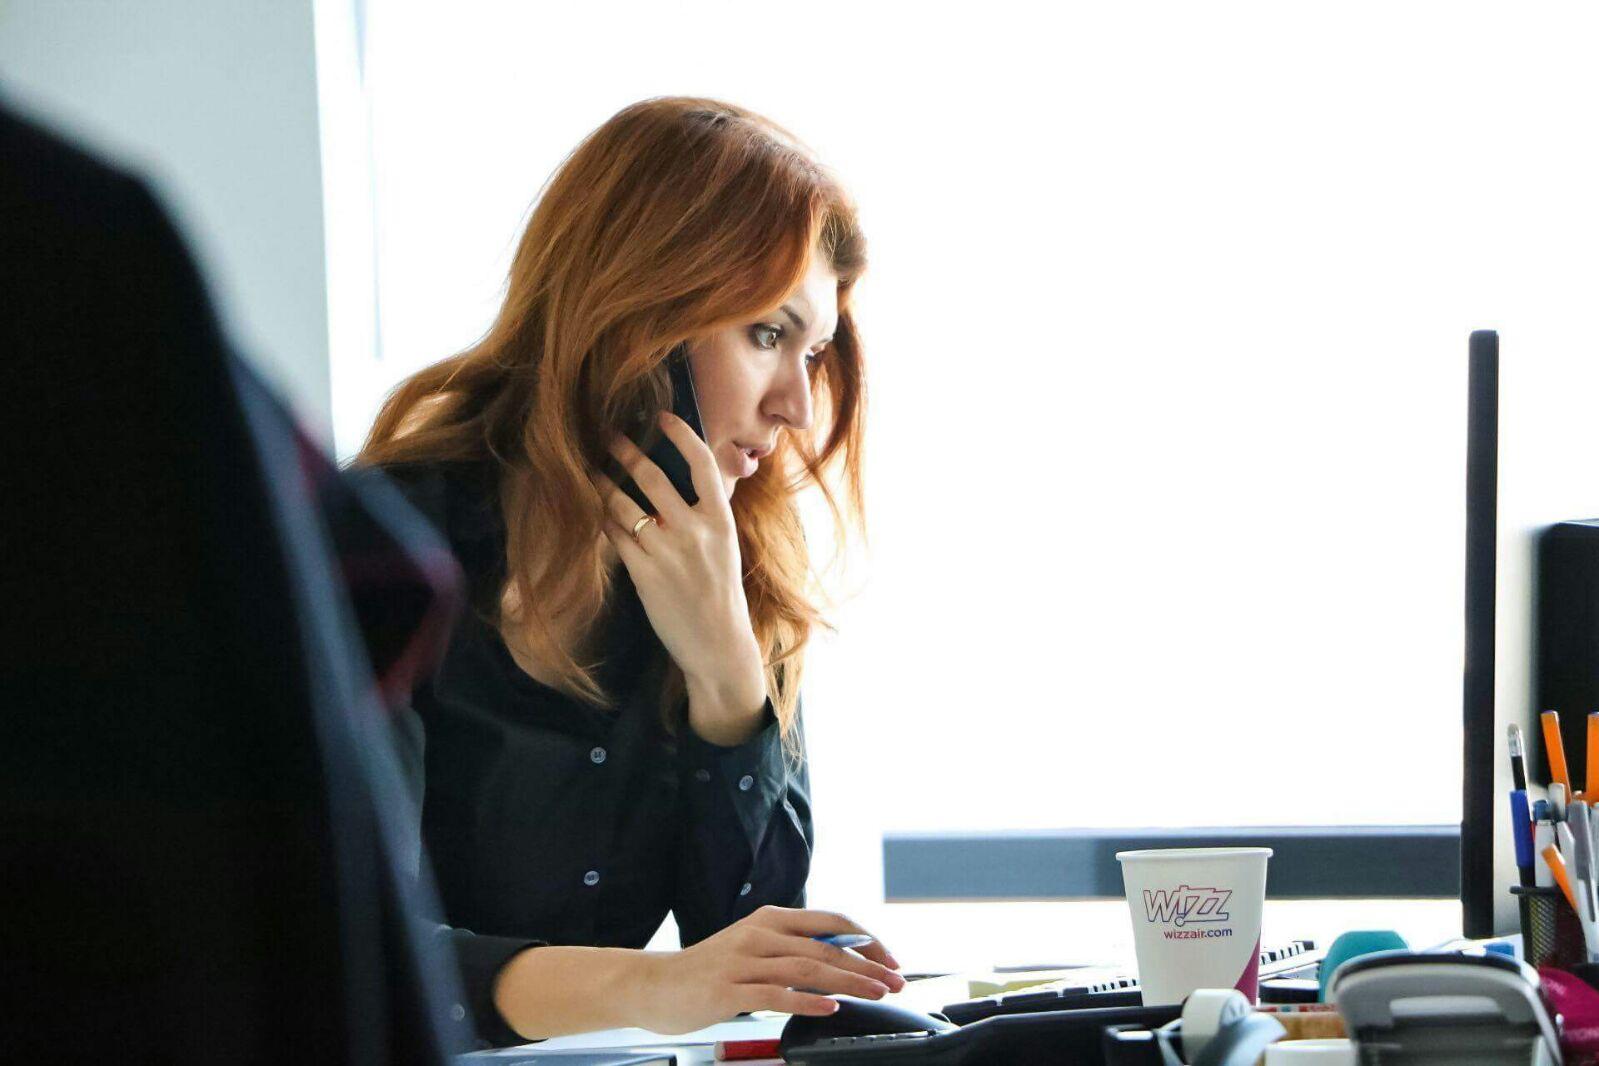 EXCLUSIV. Interviu cu Karina Voinea, Base Manager Wizz Air Bucuresti 1